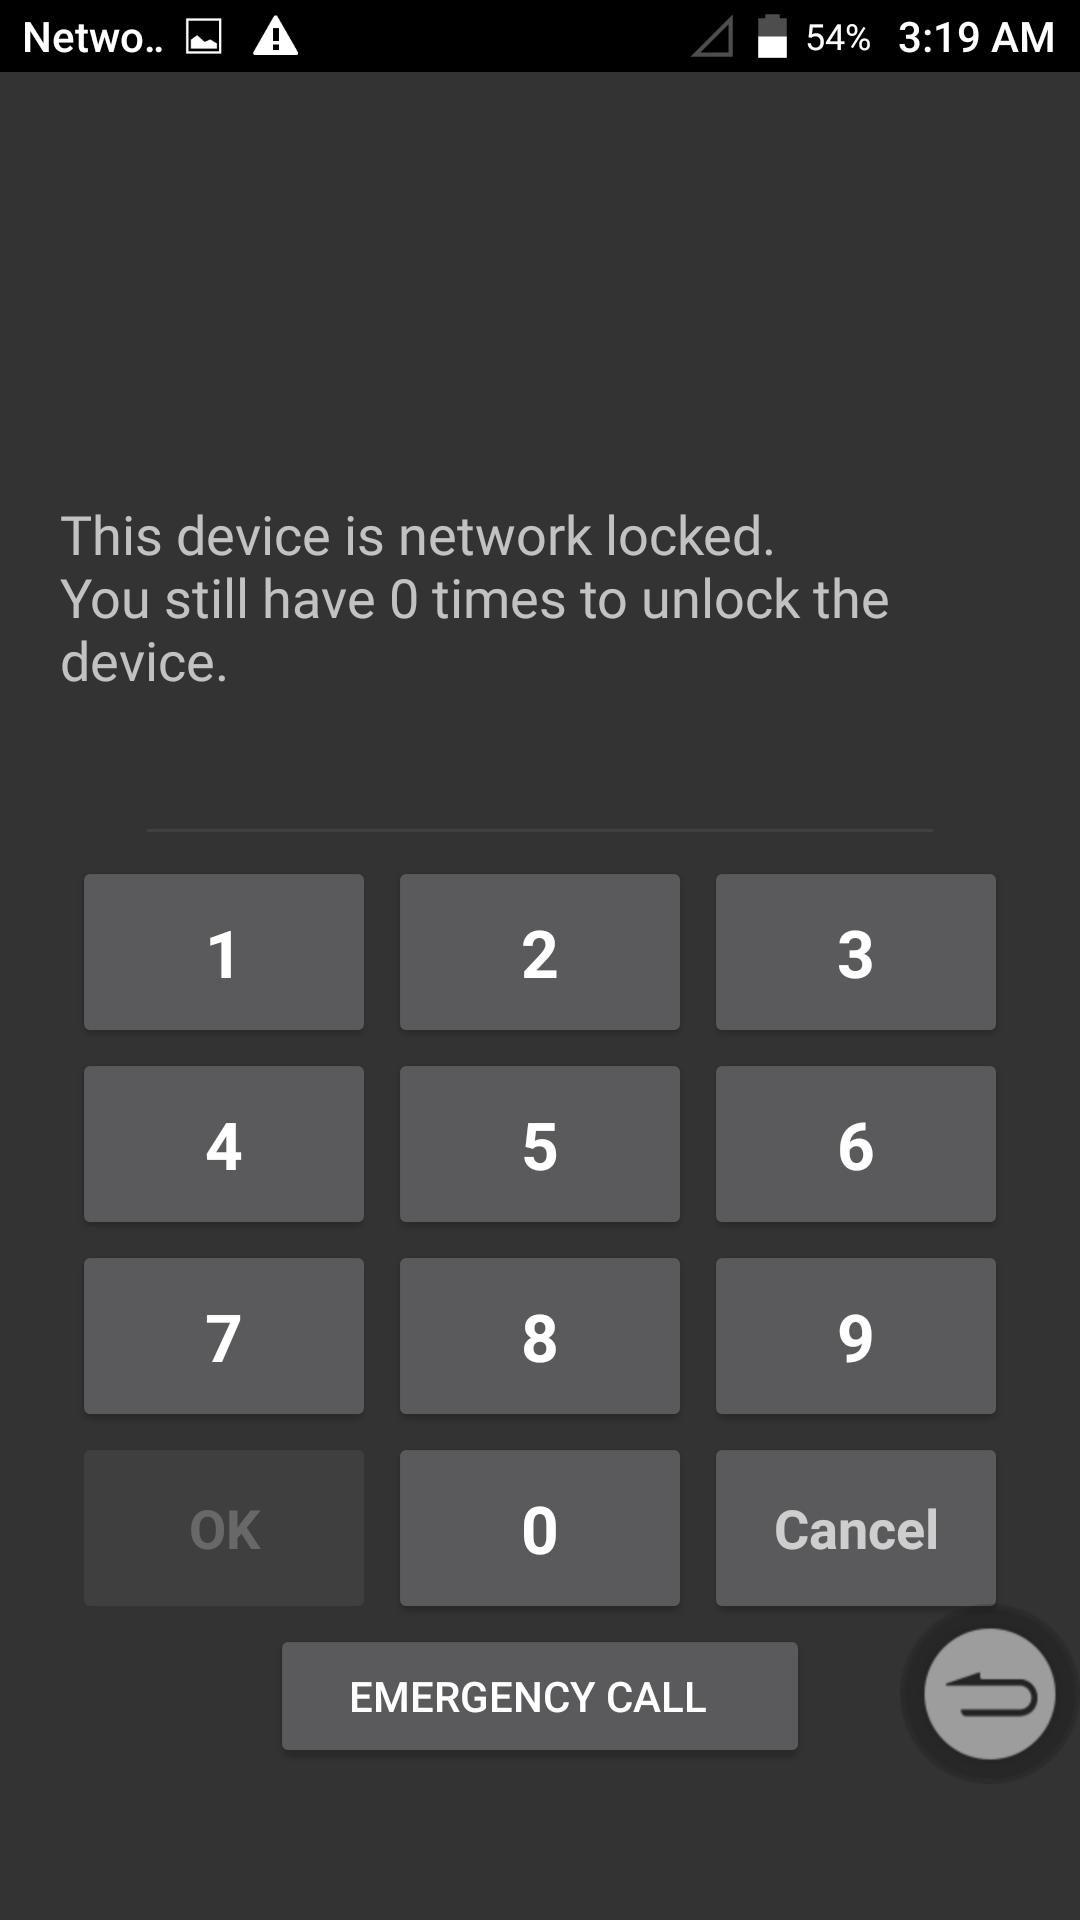 مساعدة في ارجاع عداد قفل الشبكة إلى 10 لنتمكن من التشفير zte Z983